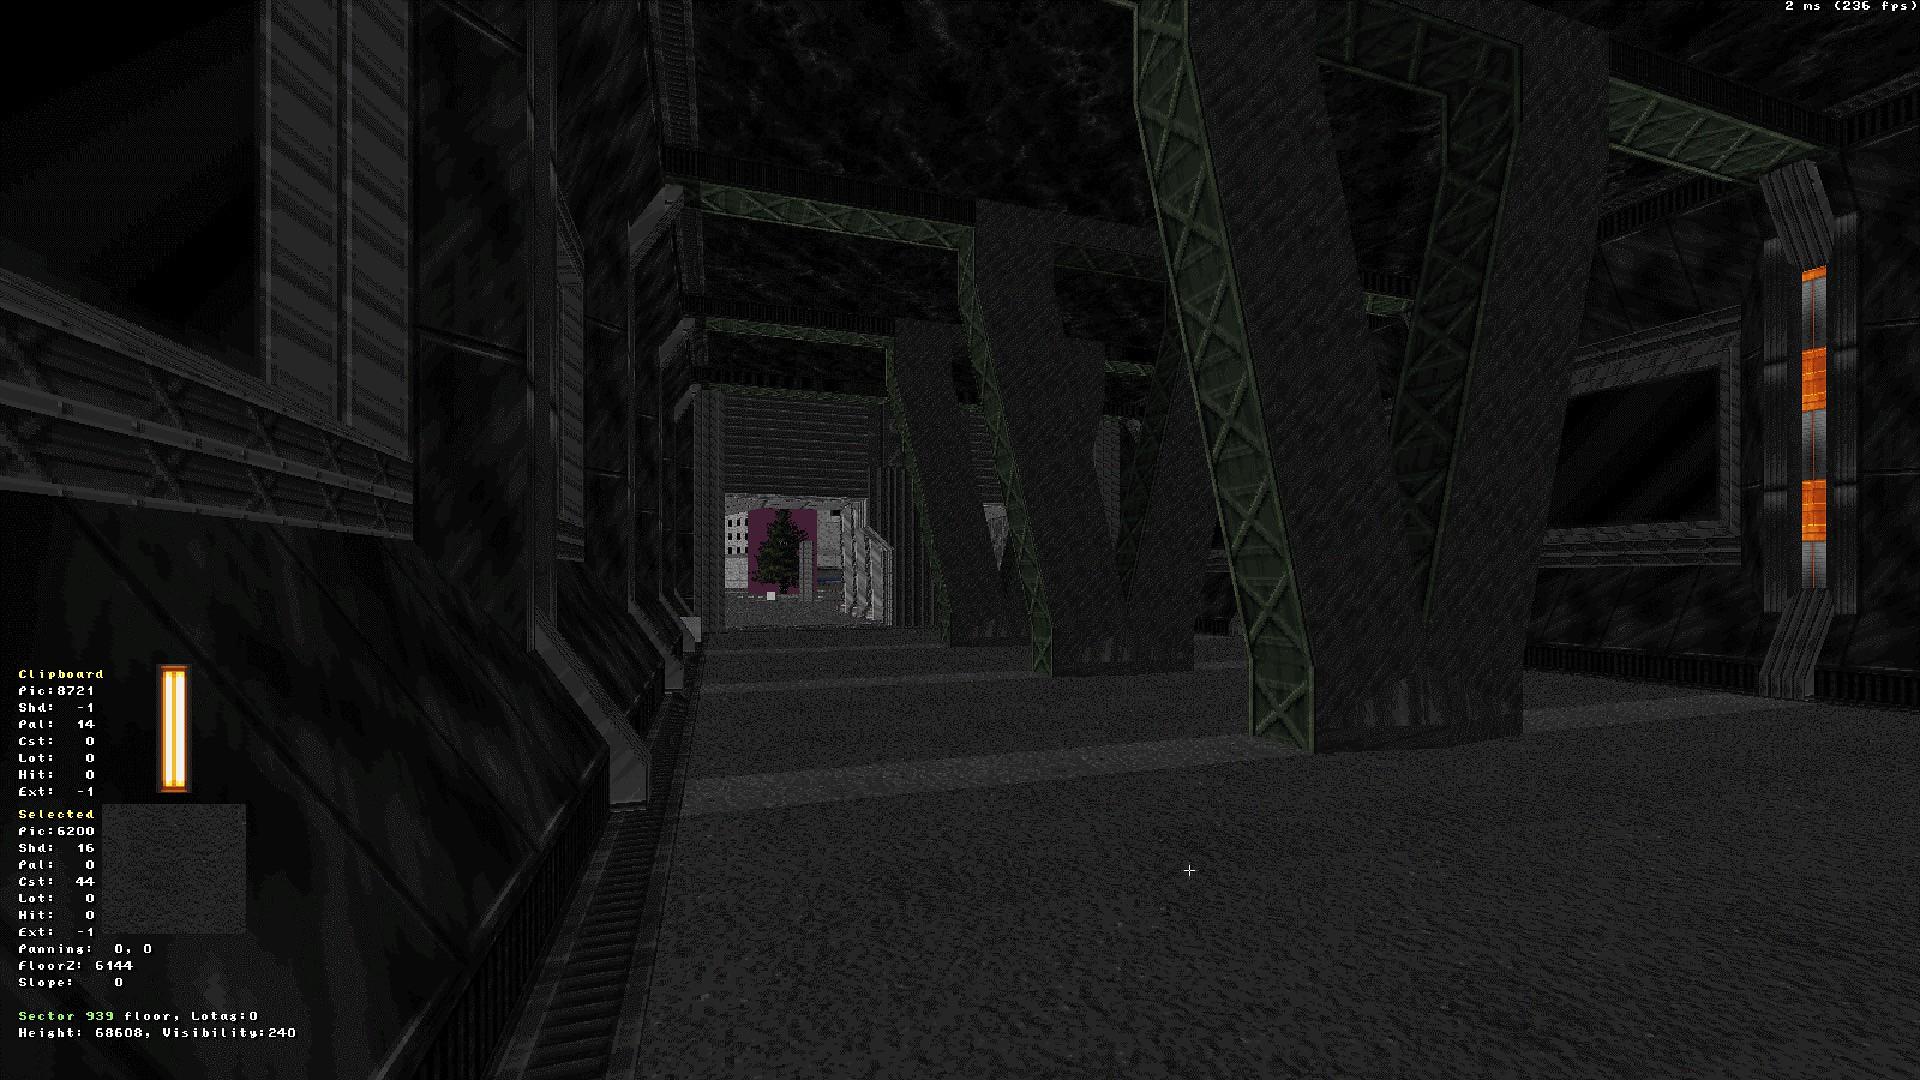 49888037283 92c4cbed02 k - Ein Blick in das Level-Design von Ion Fury, das heute erscheint